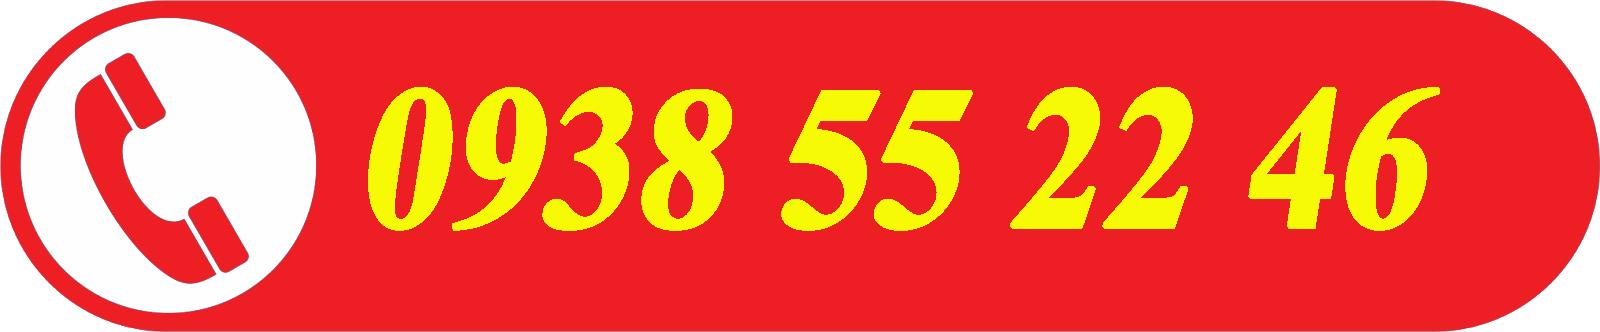 hotline Bếp Đông Dương - Bếp gas chính hãng tại Vinh